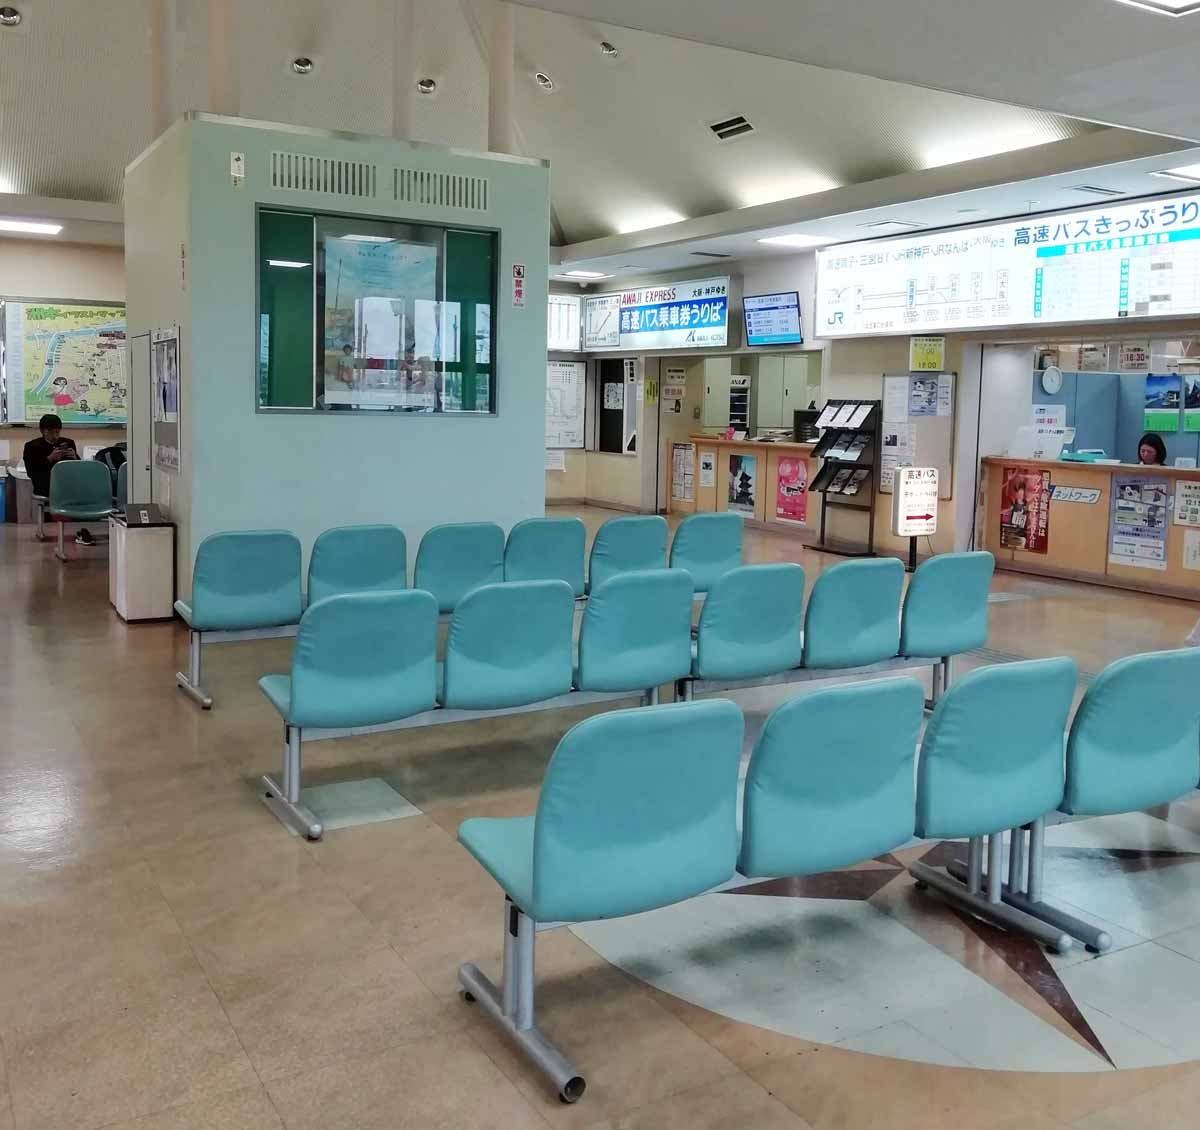 洲本高速バスセンターの待合室